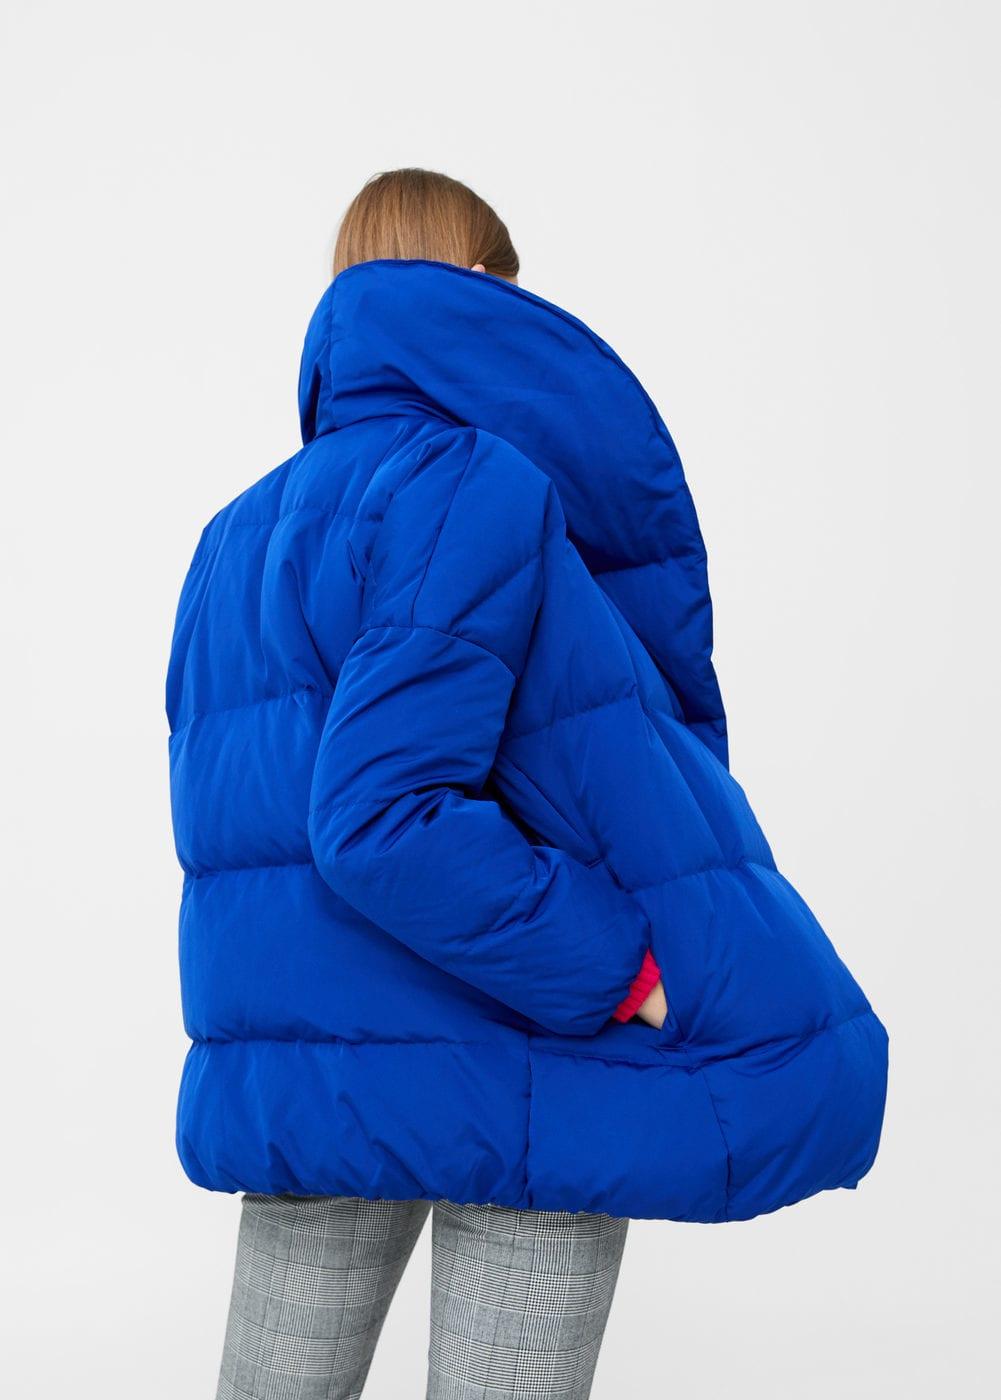 ТОП 5 пуховиков до $100. Тренды зимы 2018: куртки и пуховики